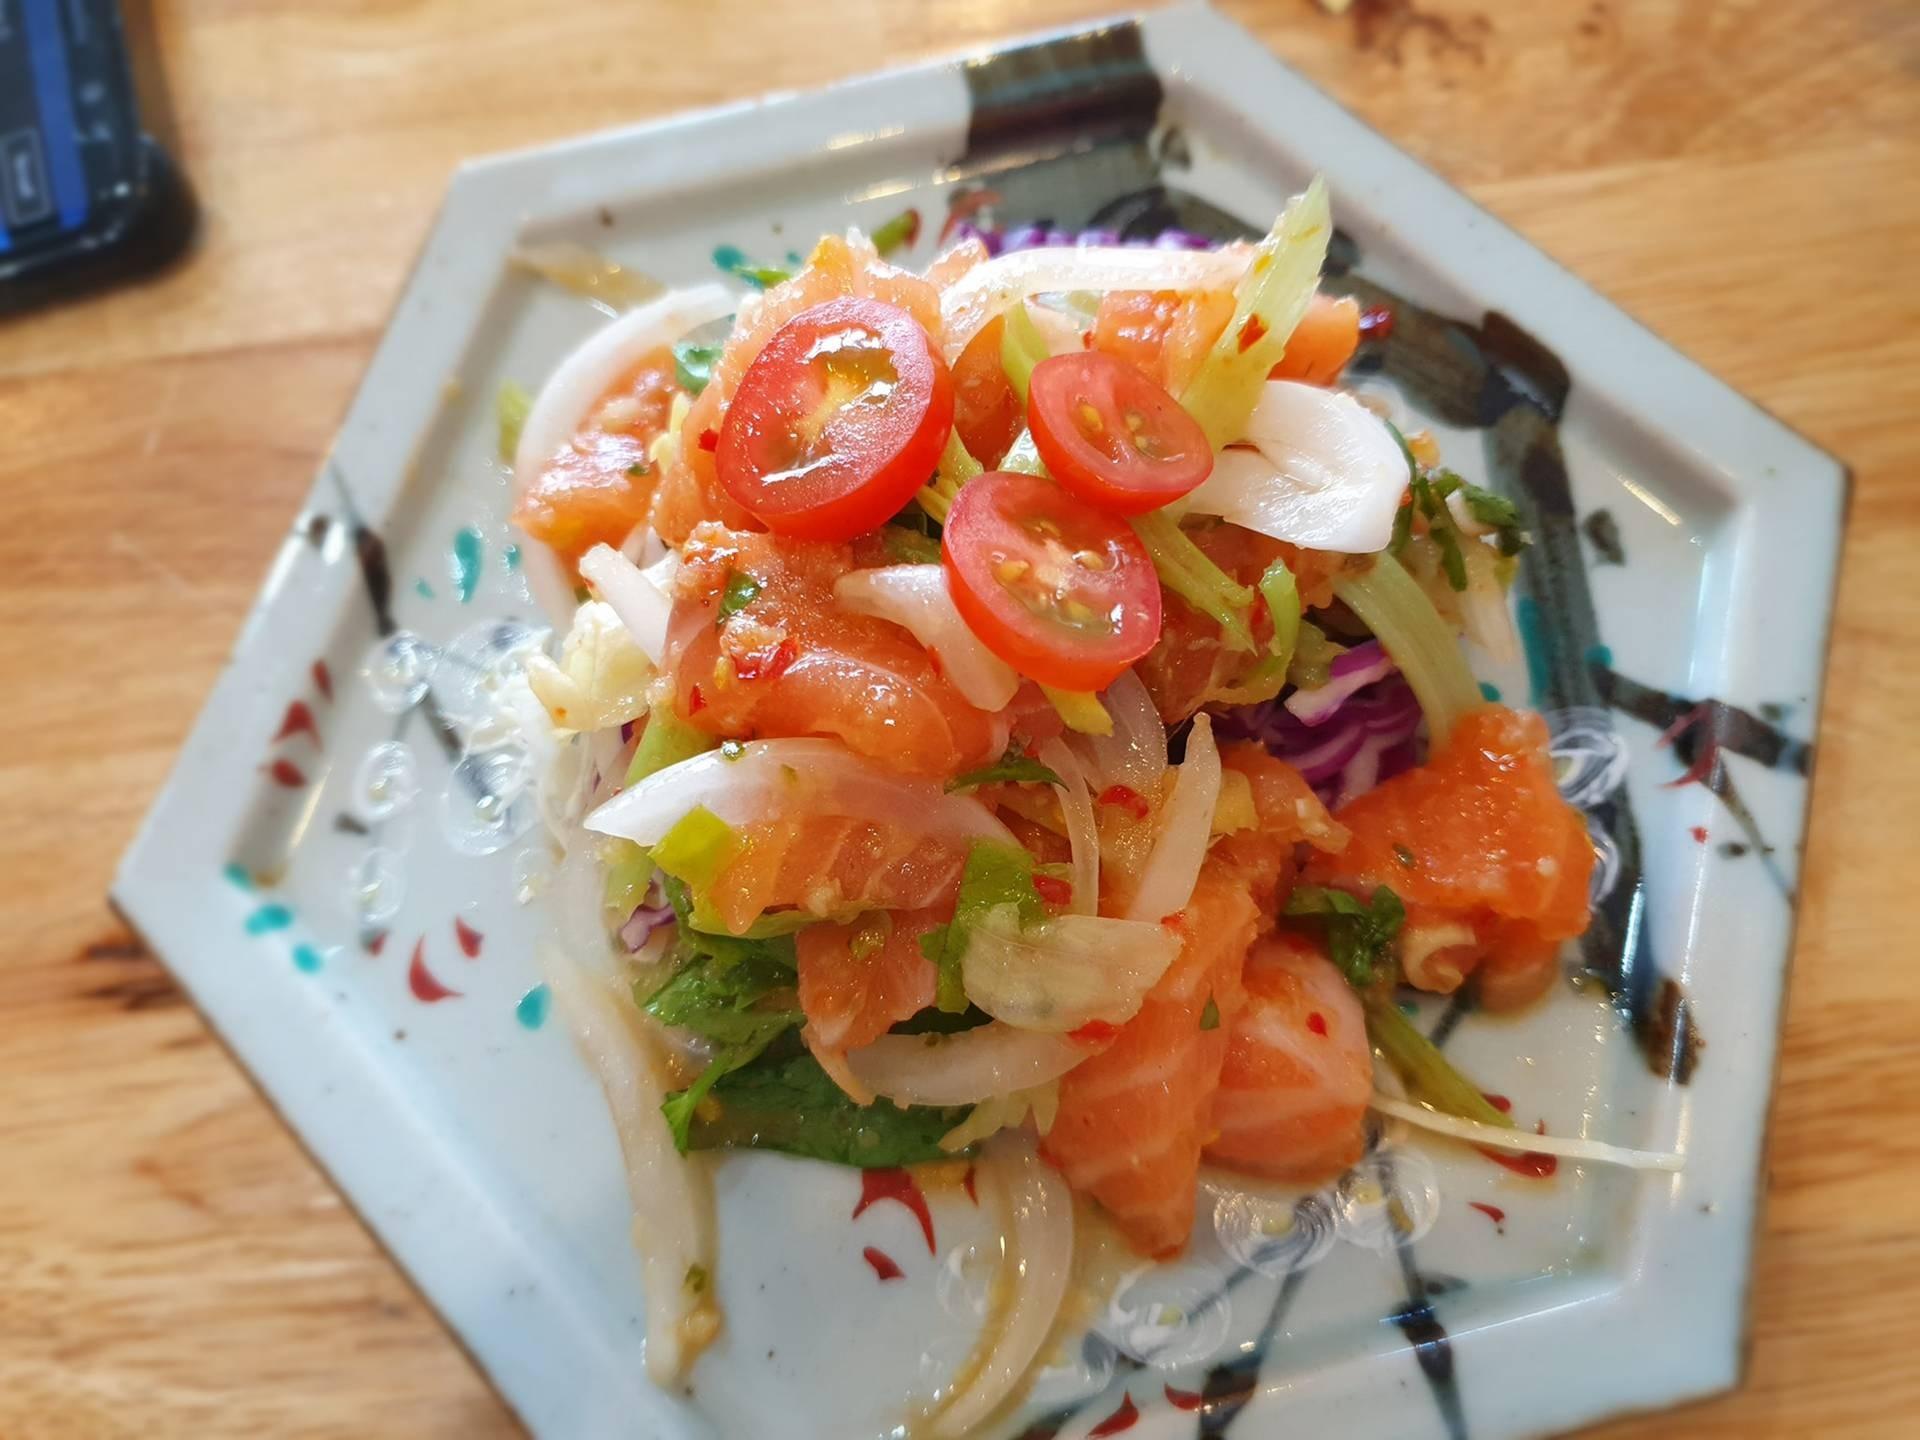 Baka Baka Sushi & Salmon Delivery